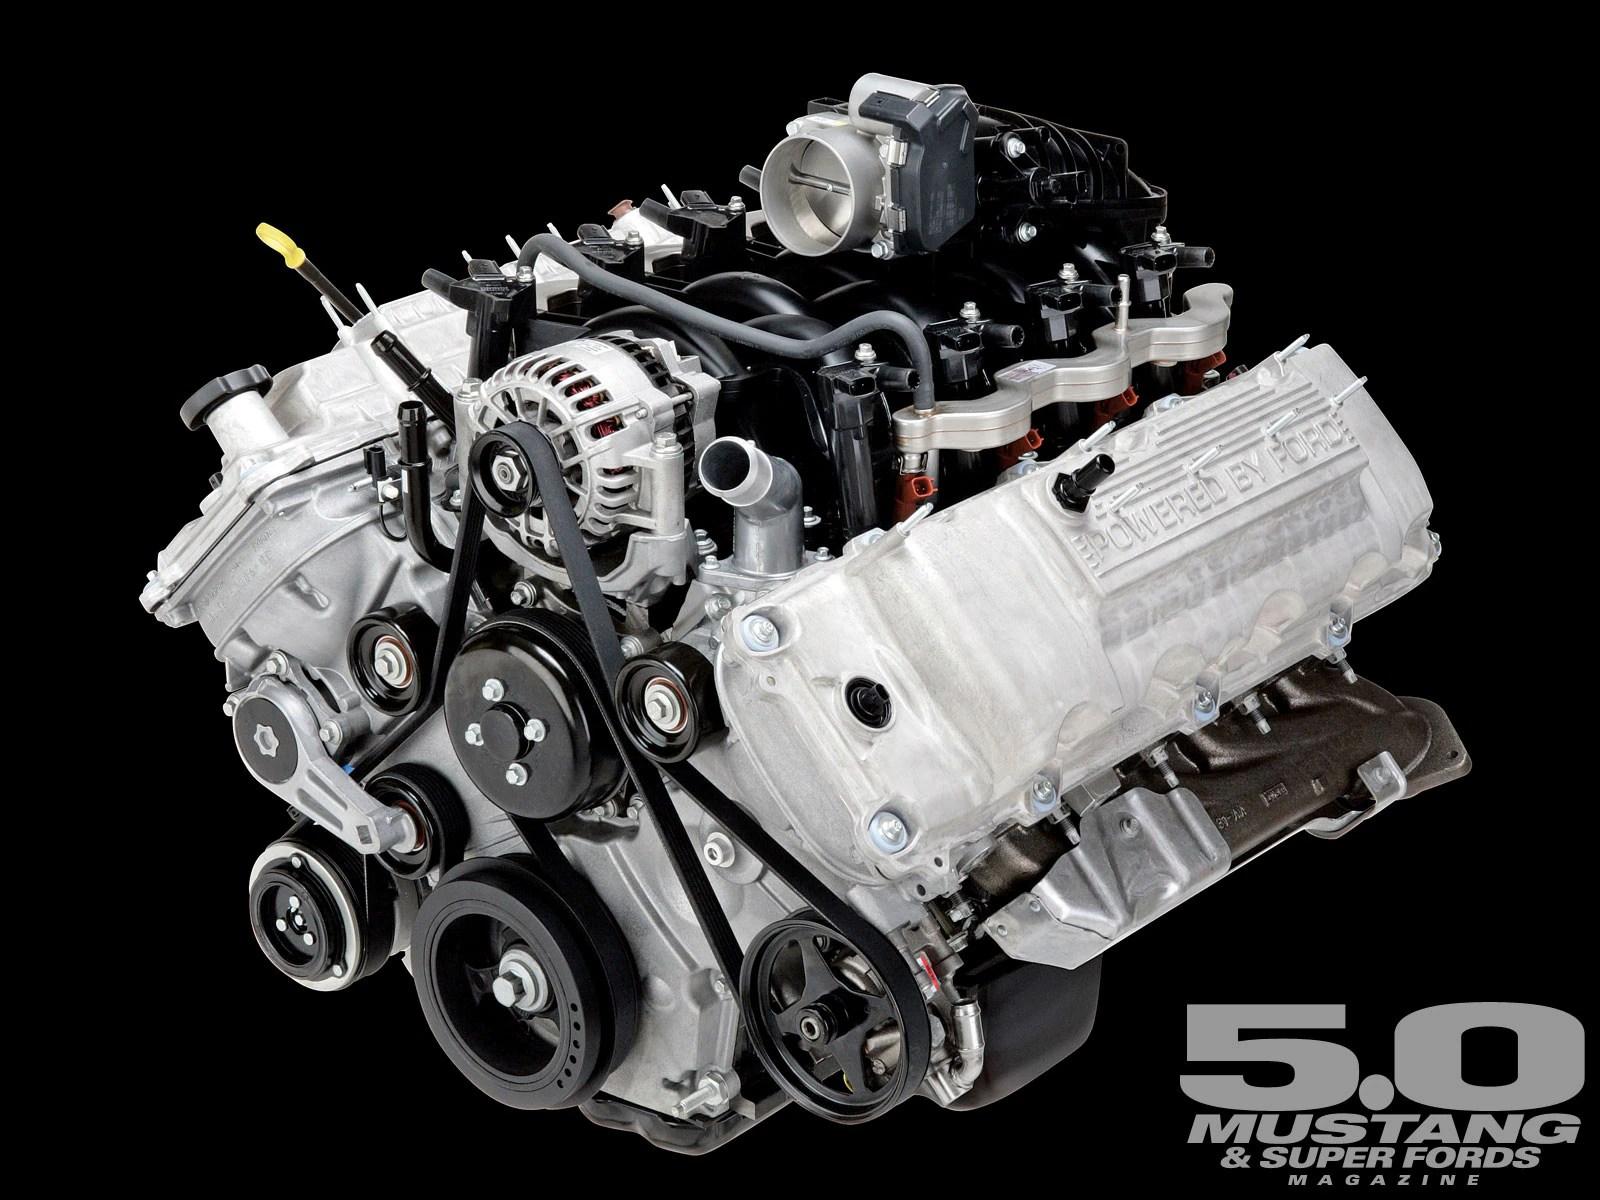 hight resolution of ford motor company 6 2 liter v8 engine big change